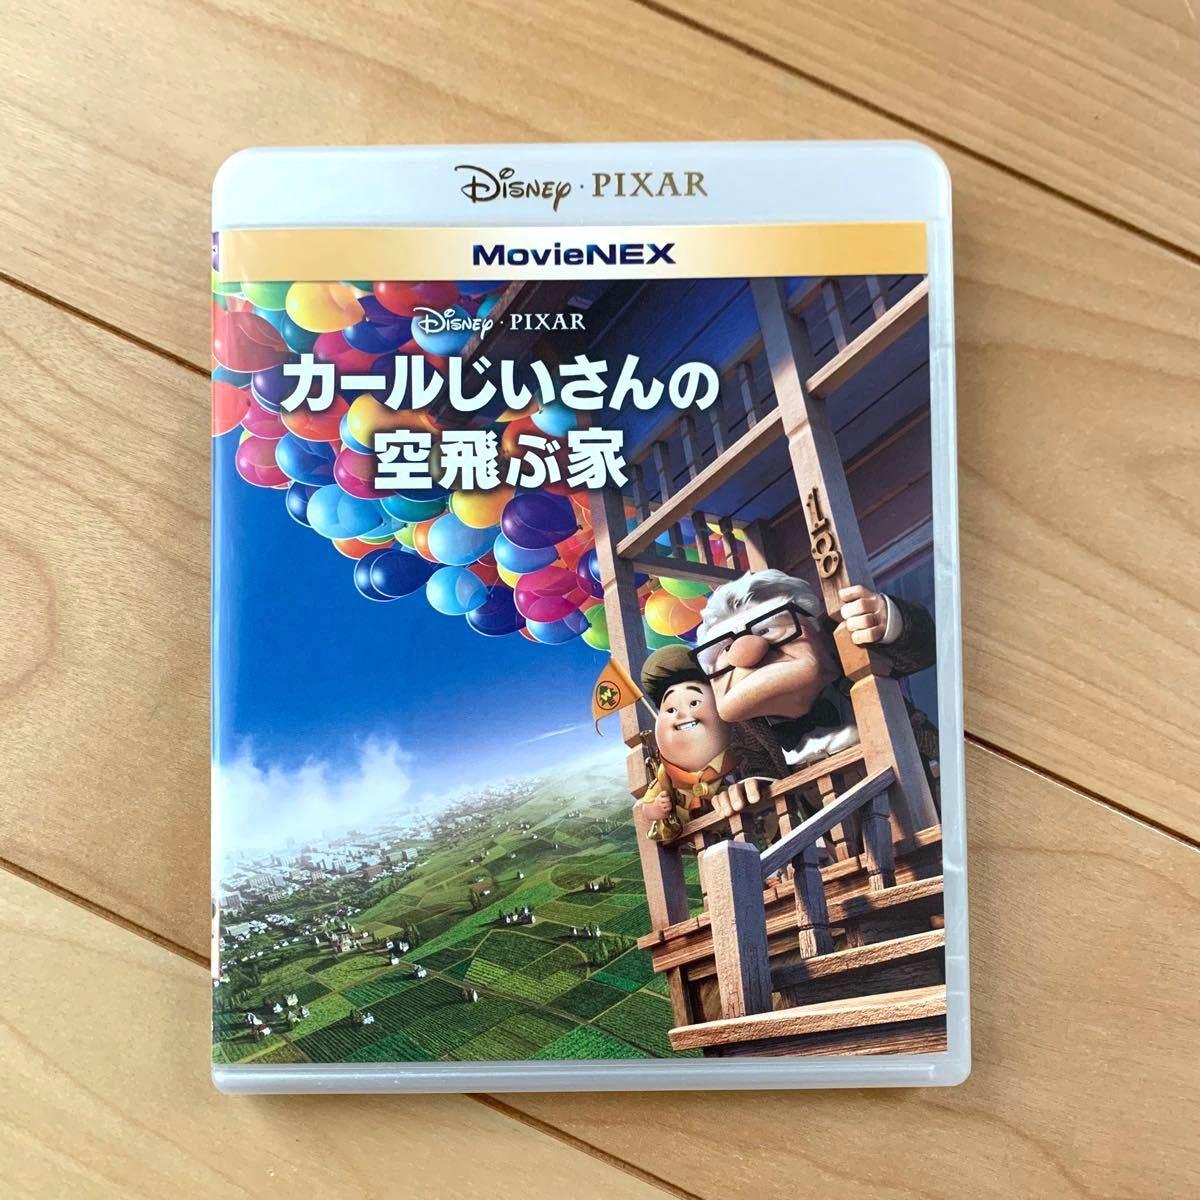 カールじいさんの空飛ぶ家 DVDディスクのみ 【国内正規版】新品未再生 Disney ディズニーピクサー MovieNEX